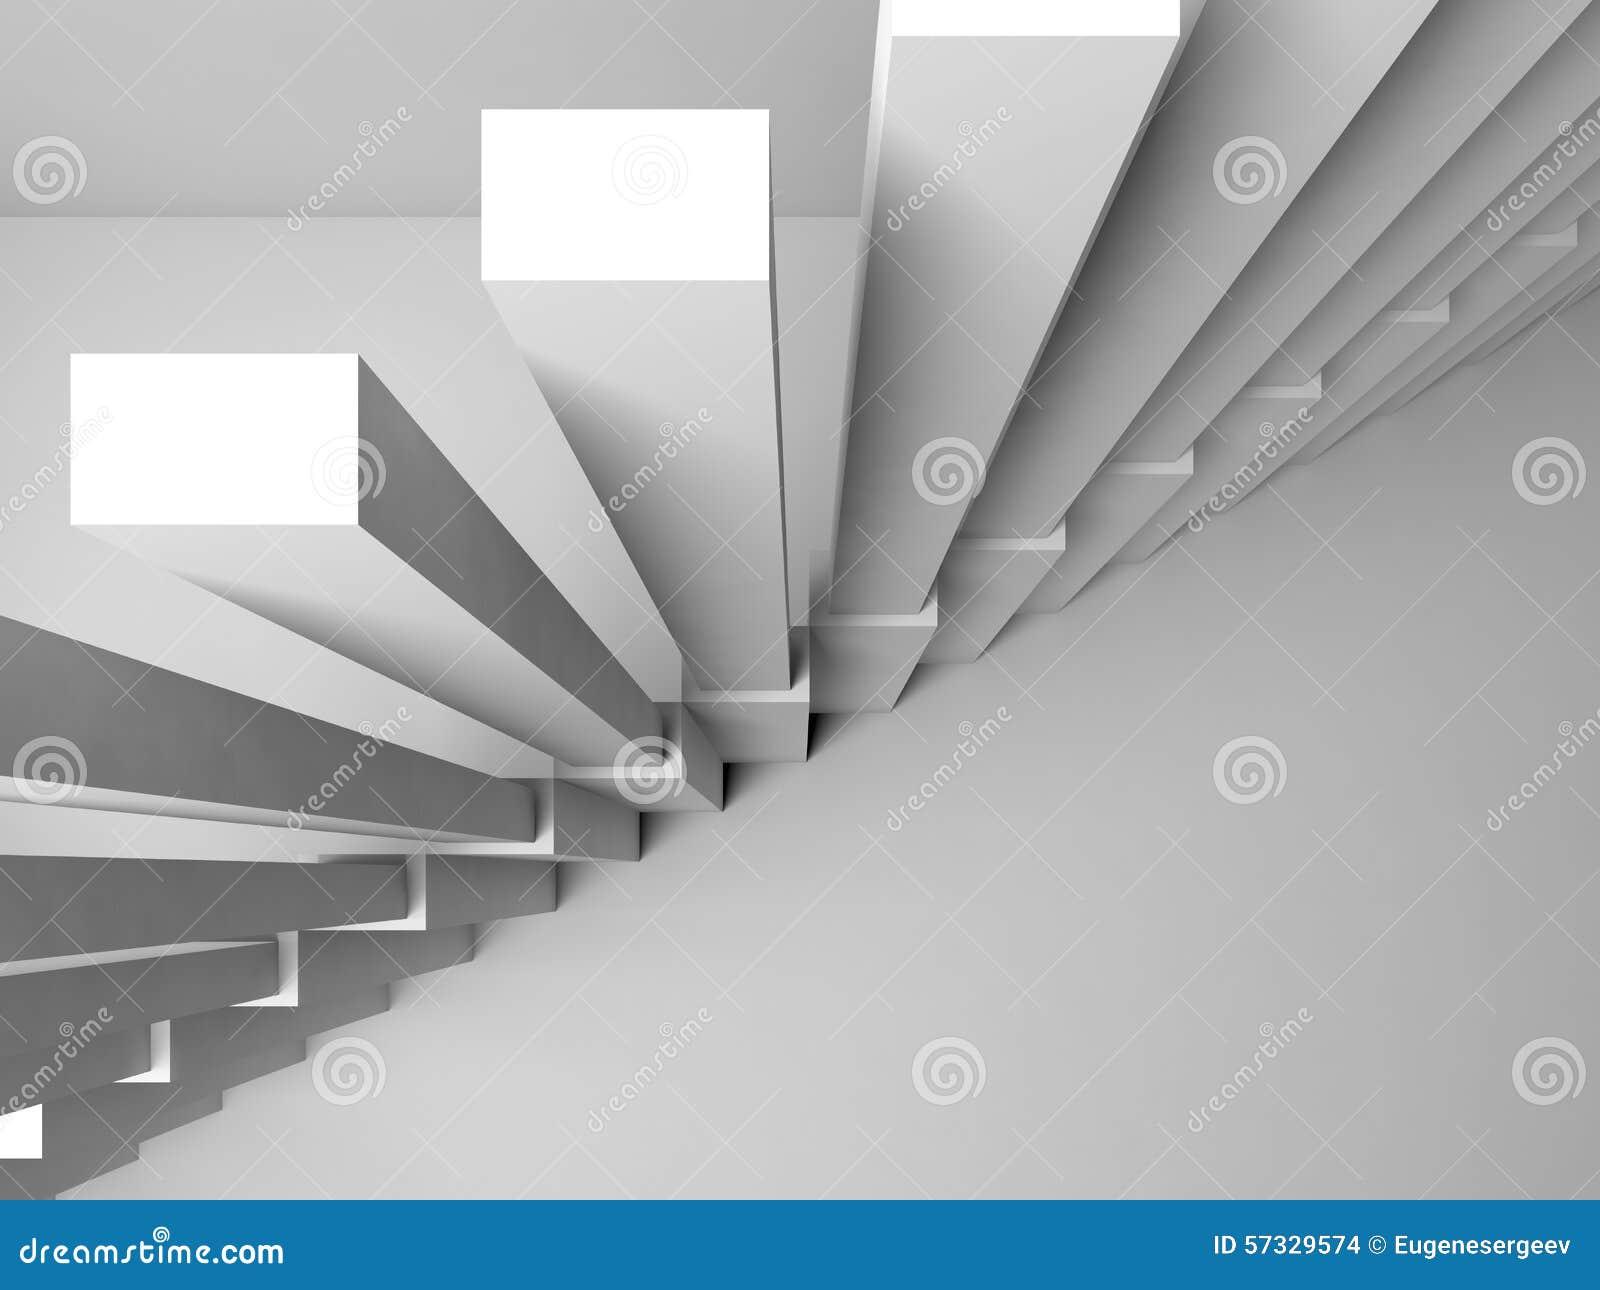 escaleras en la pared blanca fragmento del interior d imagenes de archivo